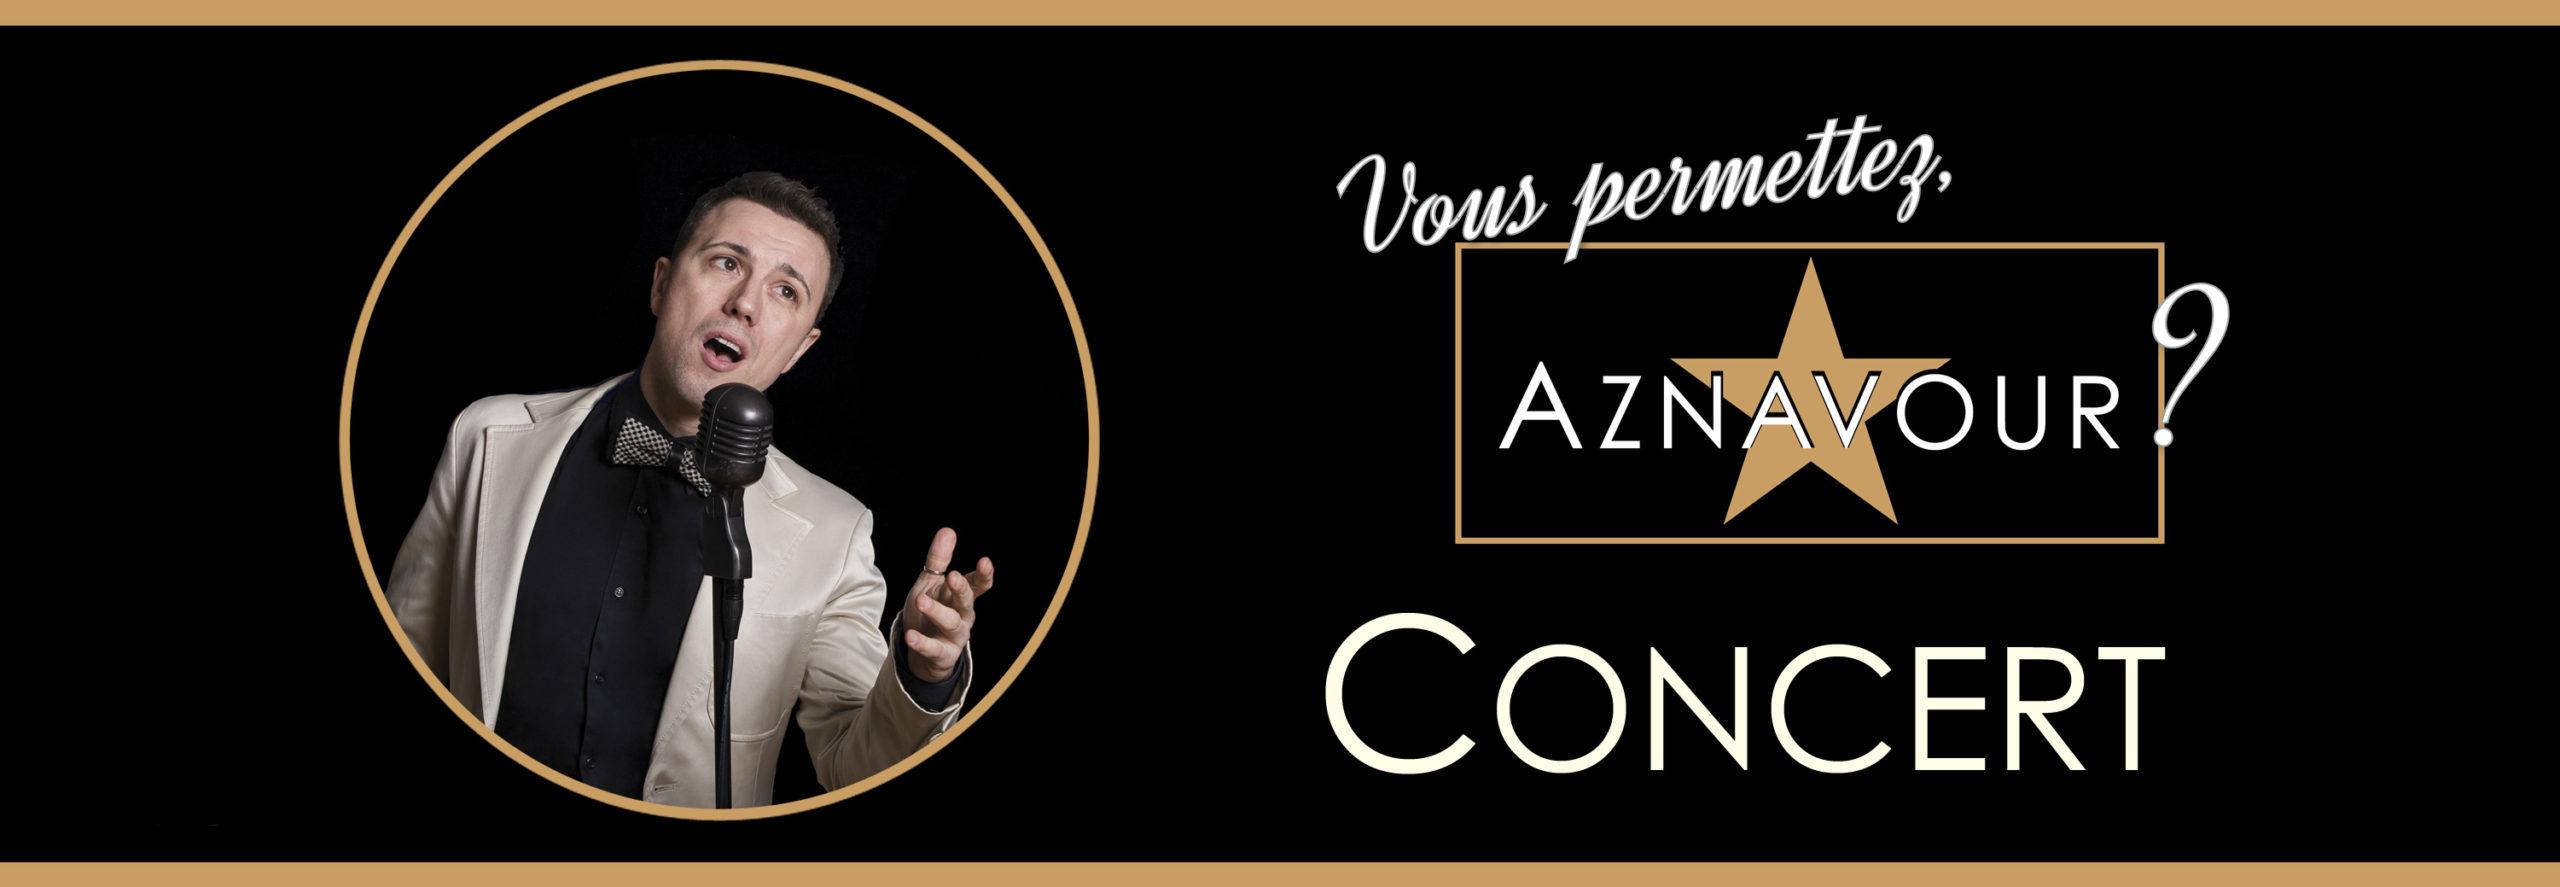 """Michelangelo Nari - Concert """"Vous permettez, Aznavour?"""""""